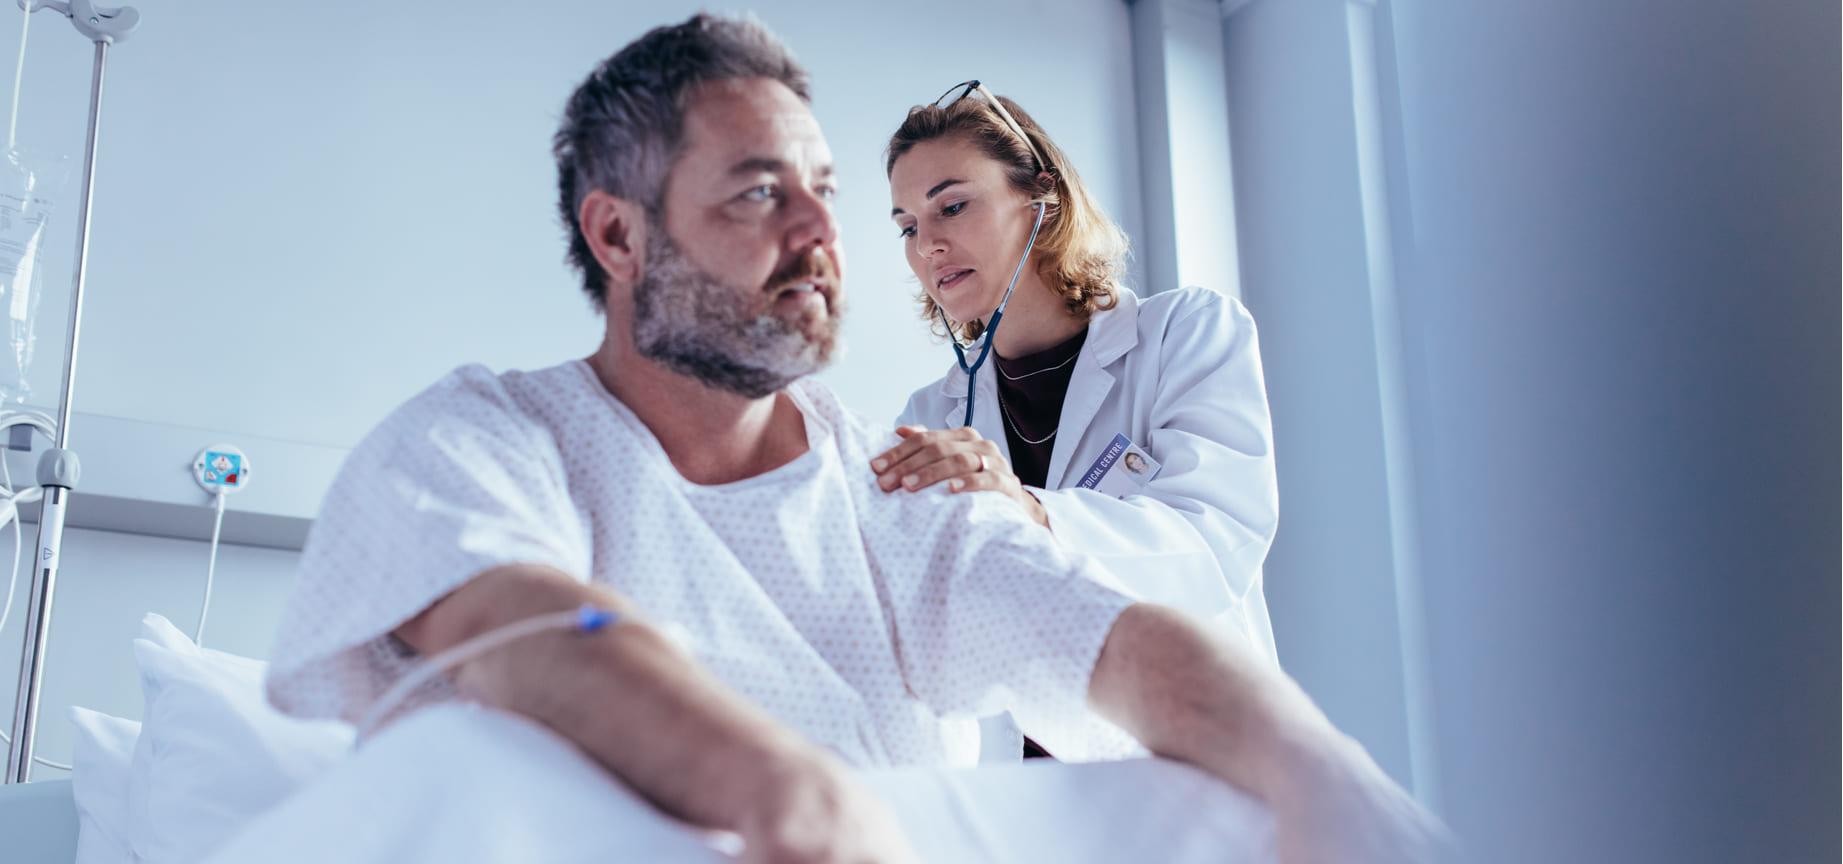 Malignidad en los pacientes trasplantados de corazón: un peligro subyacente